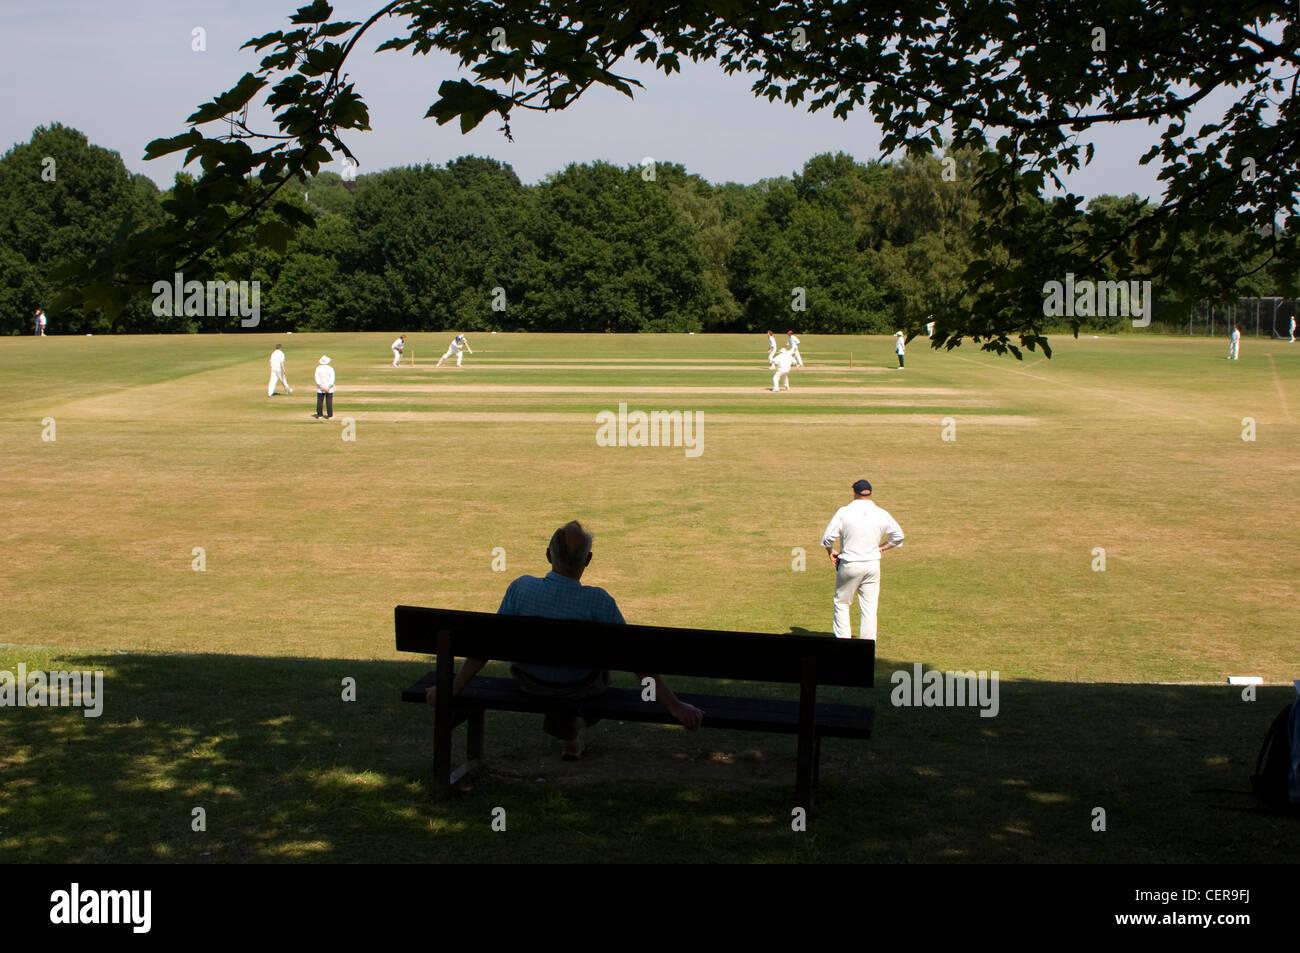 Partita di cricket che viene riprodotto su un villaggio verde. Immagini Stock